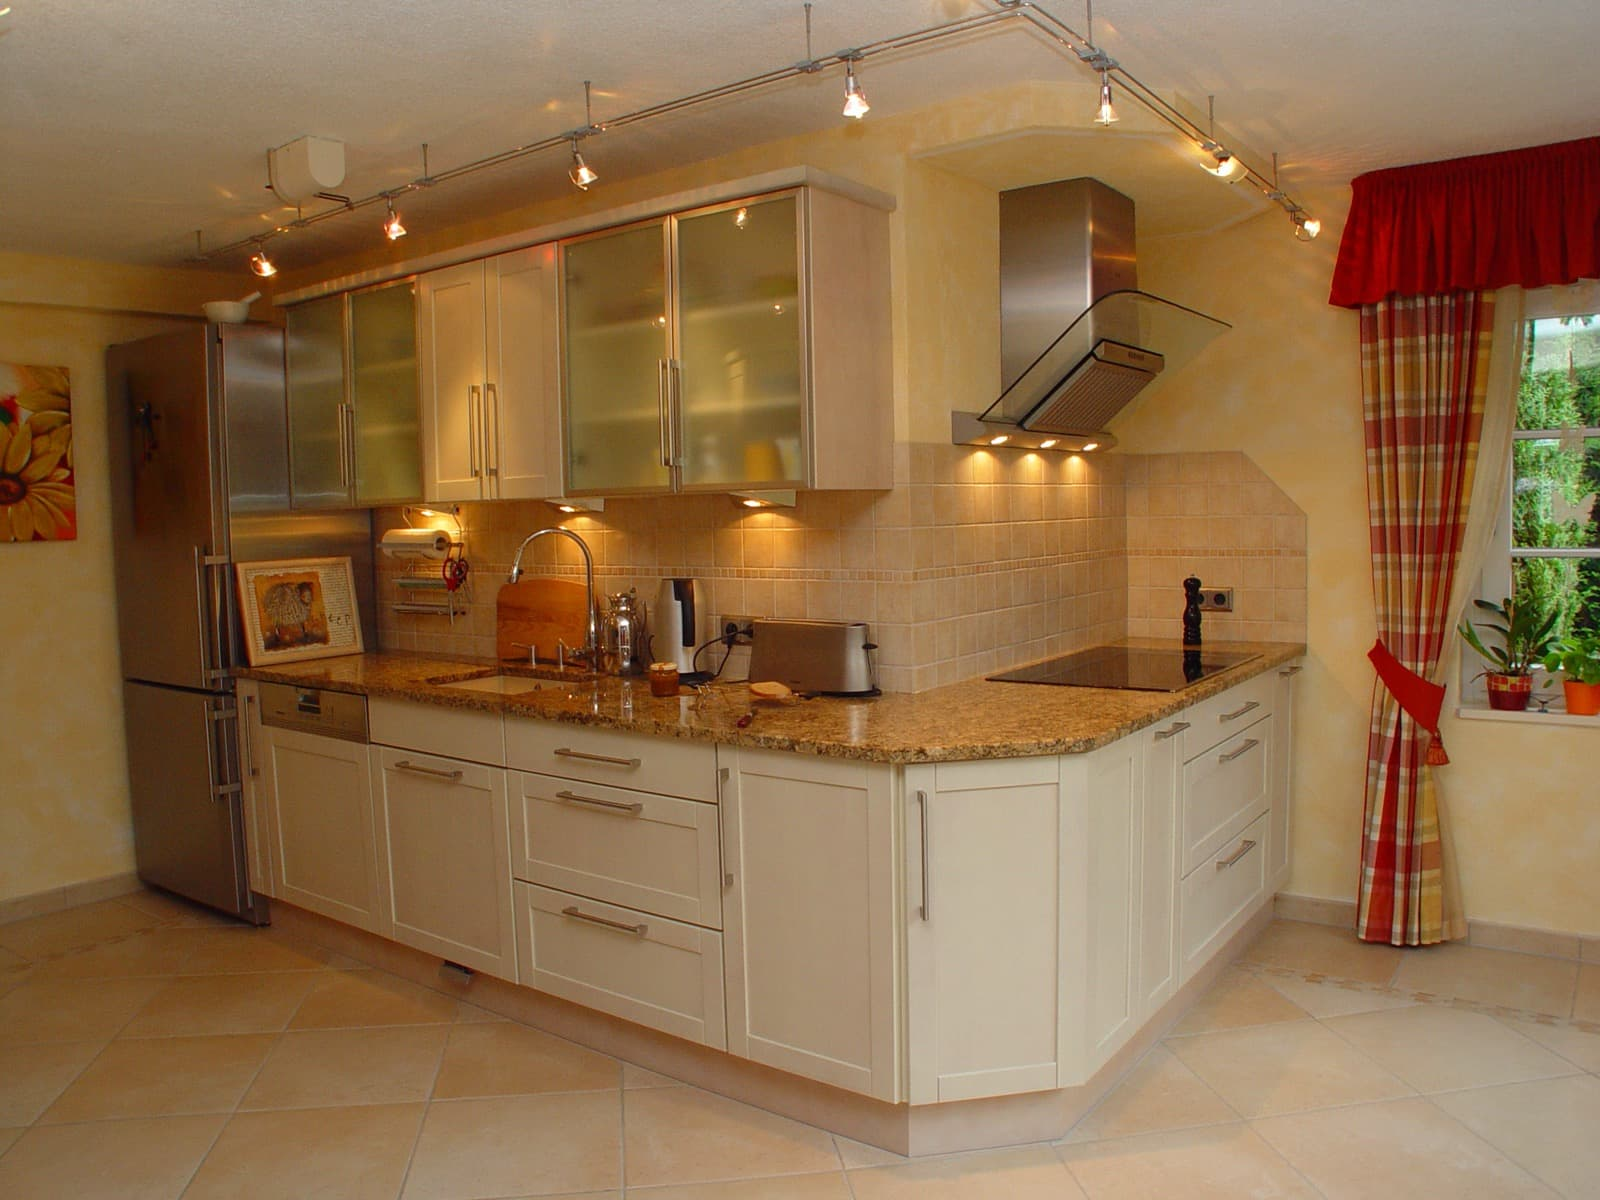 Landhausküche - Klassisch und modern kombiniert